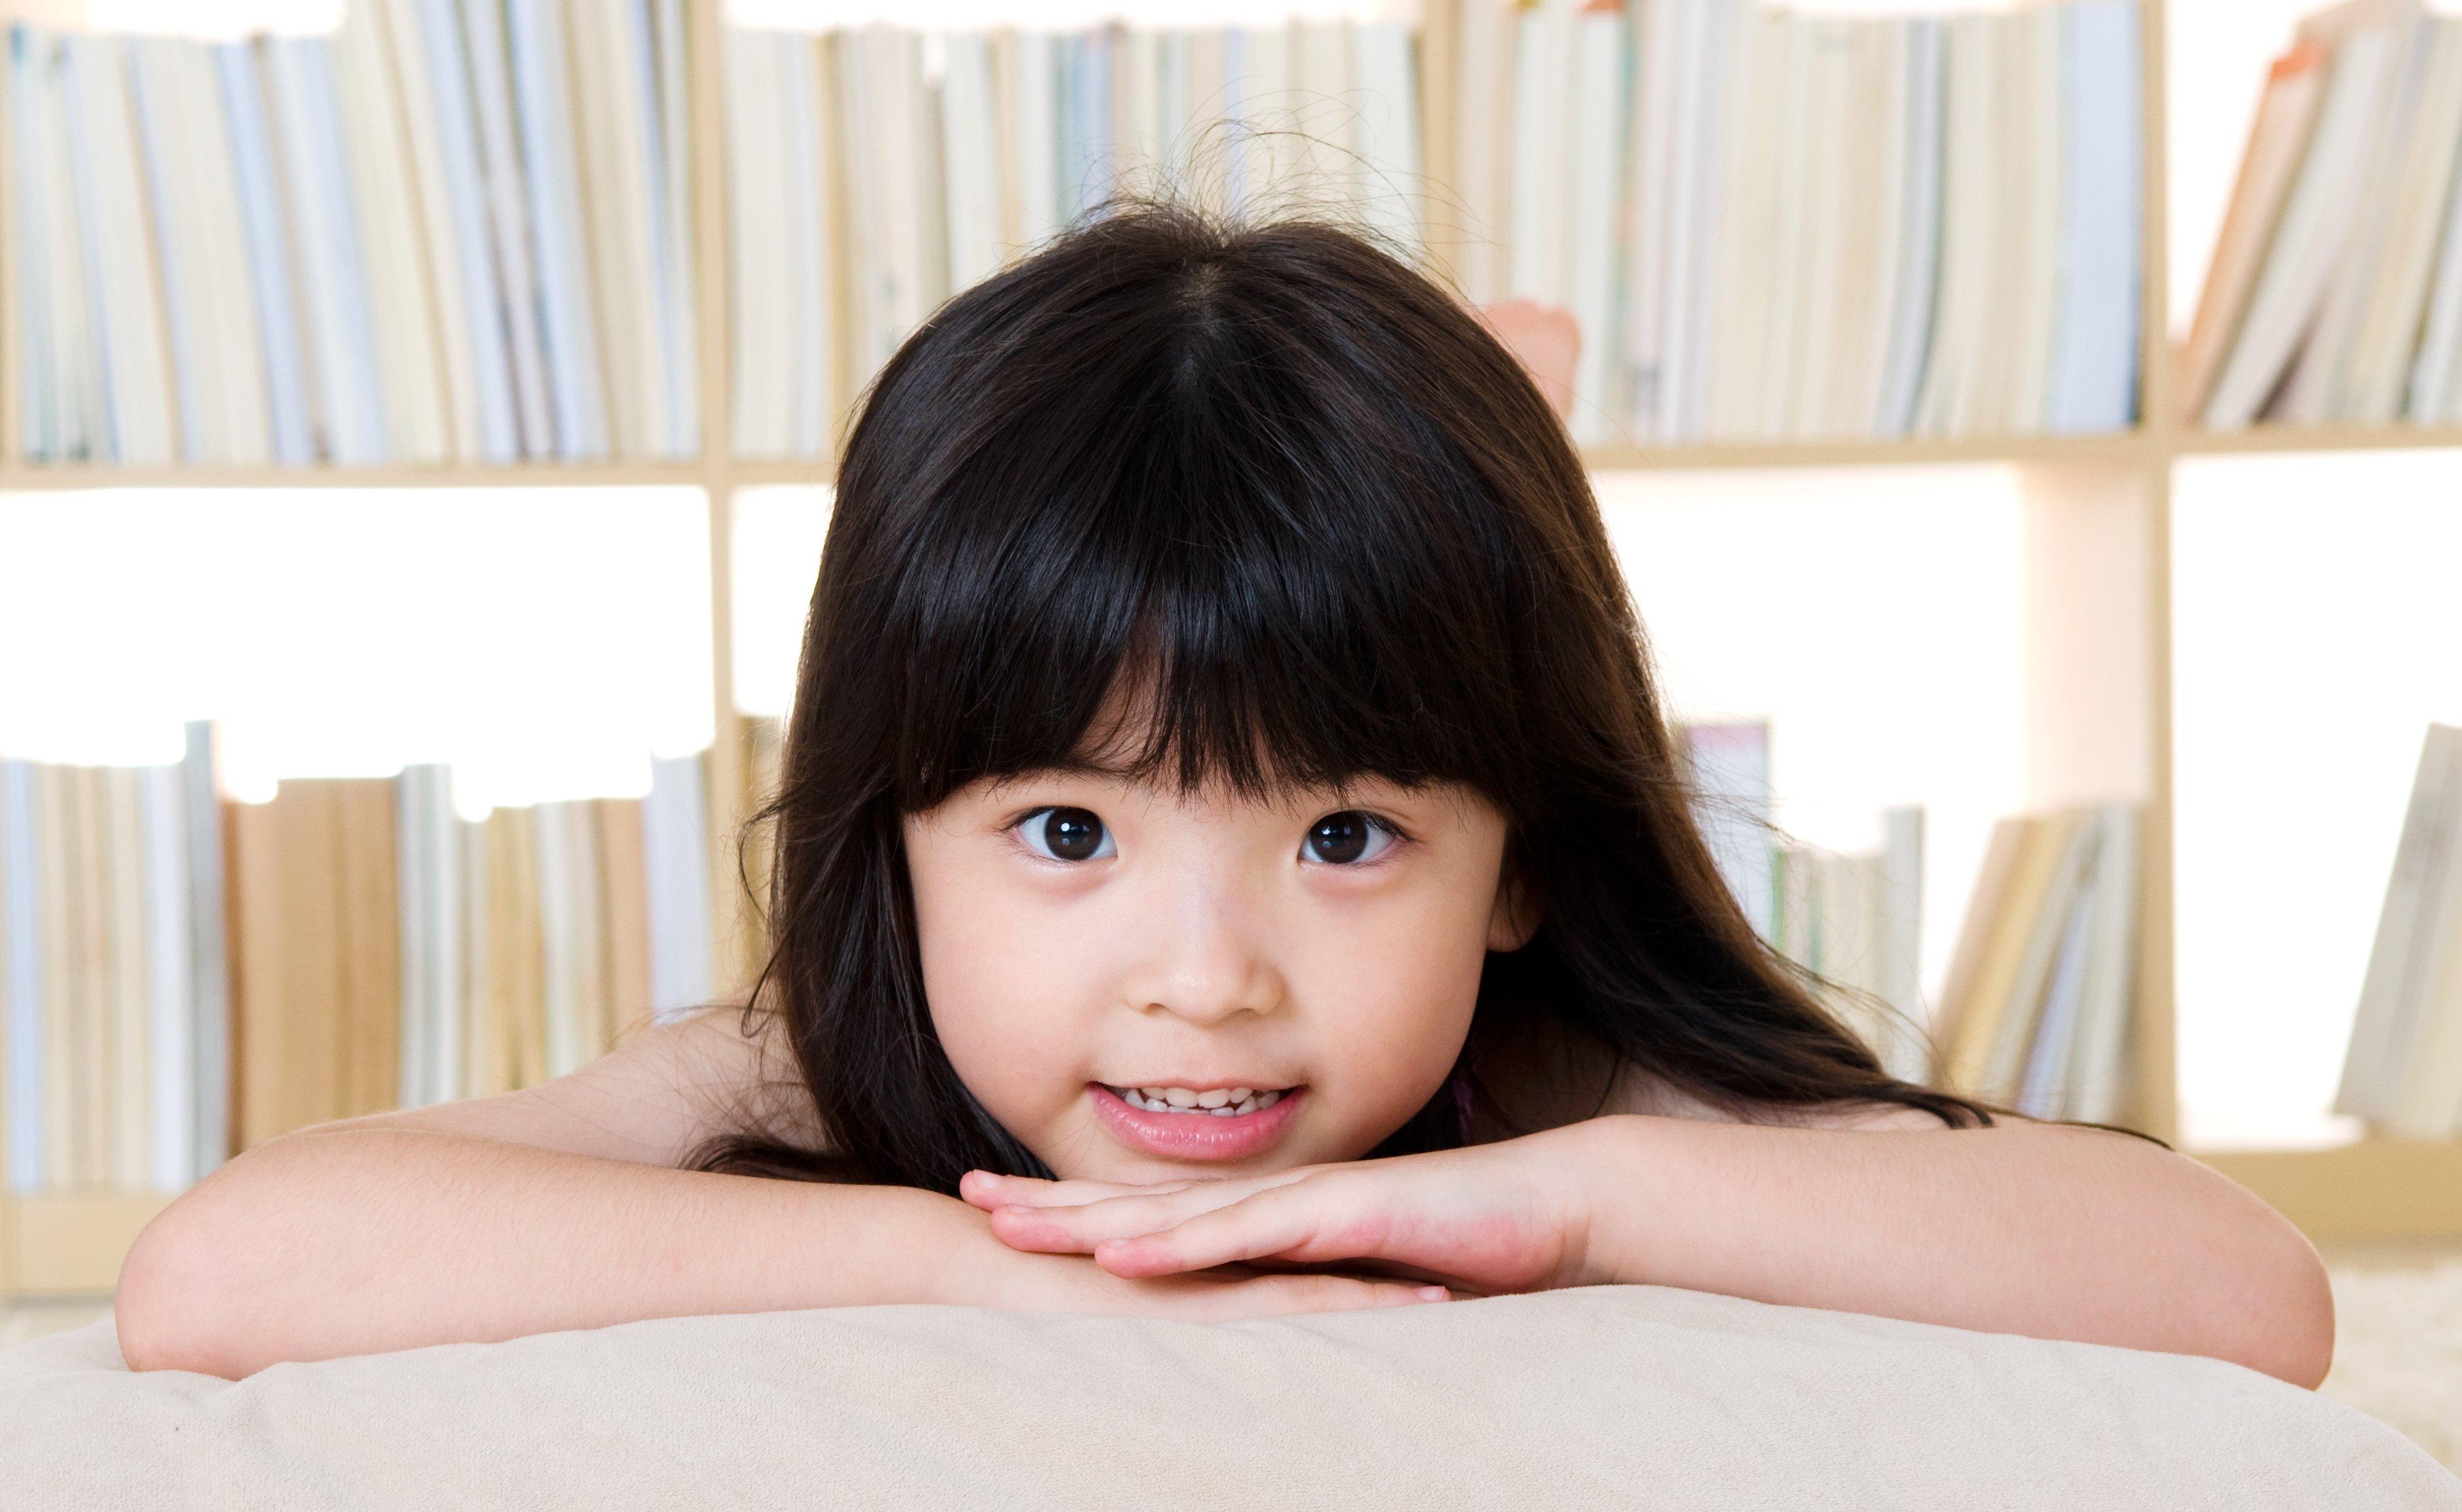 Une fille qui se repose sur ses mains. Source : Shutterstock